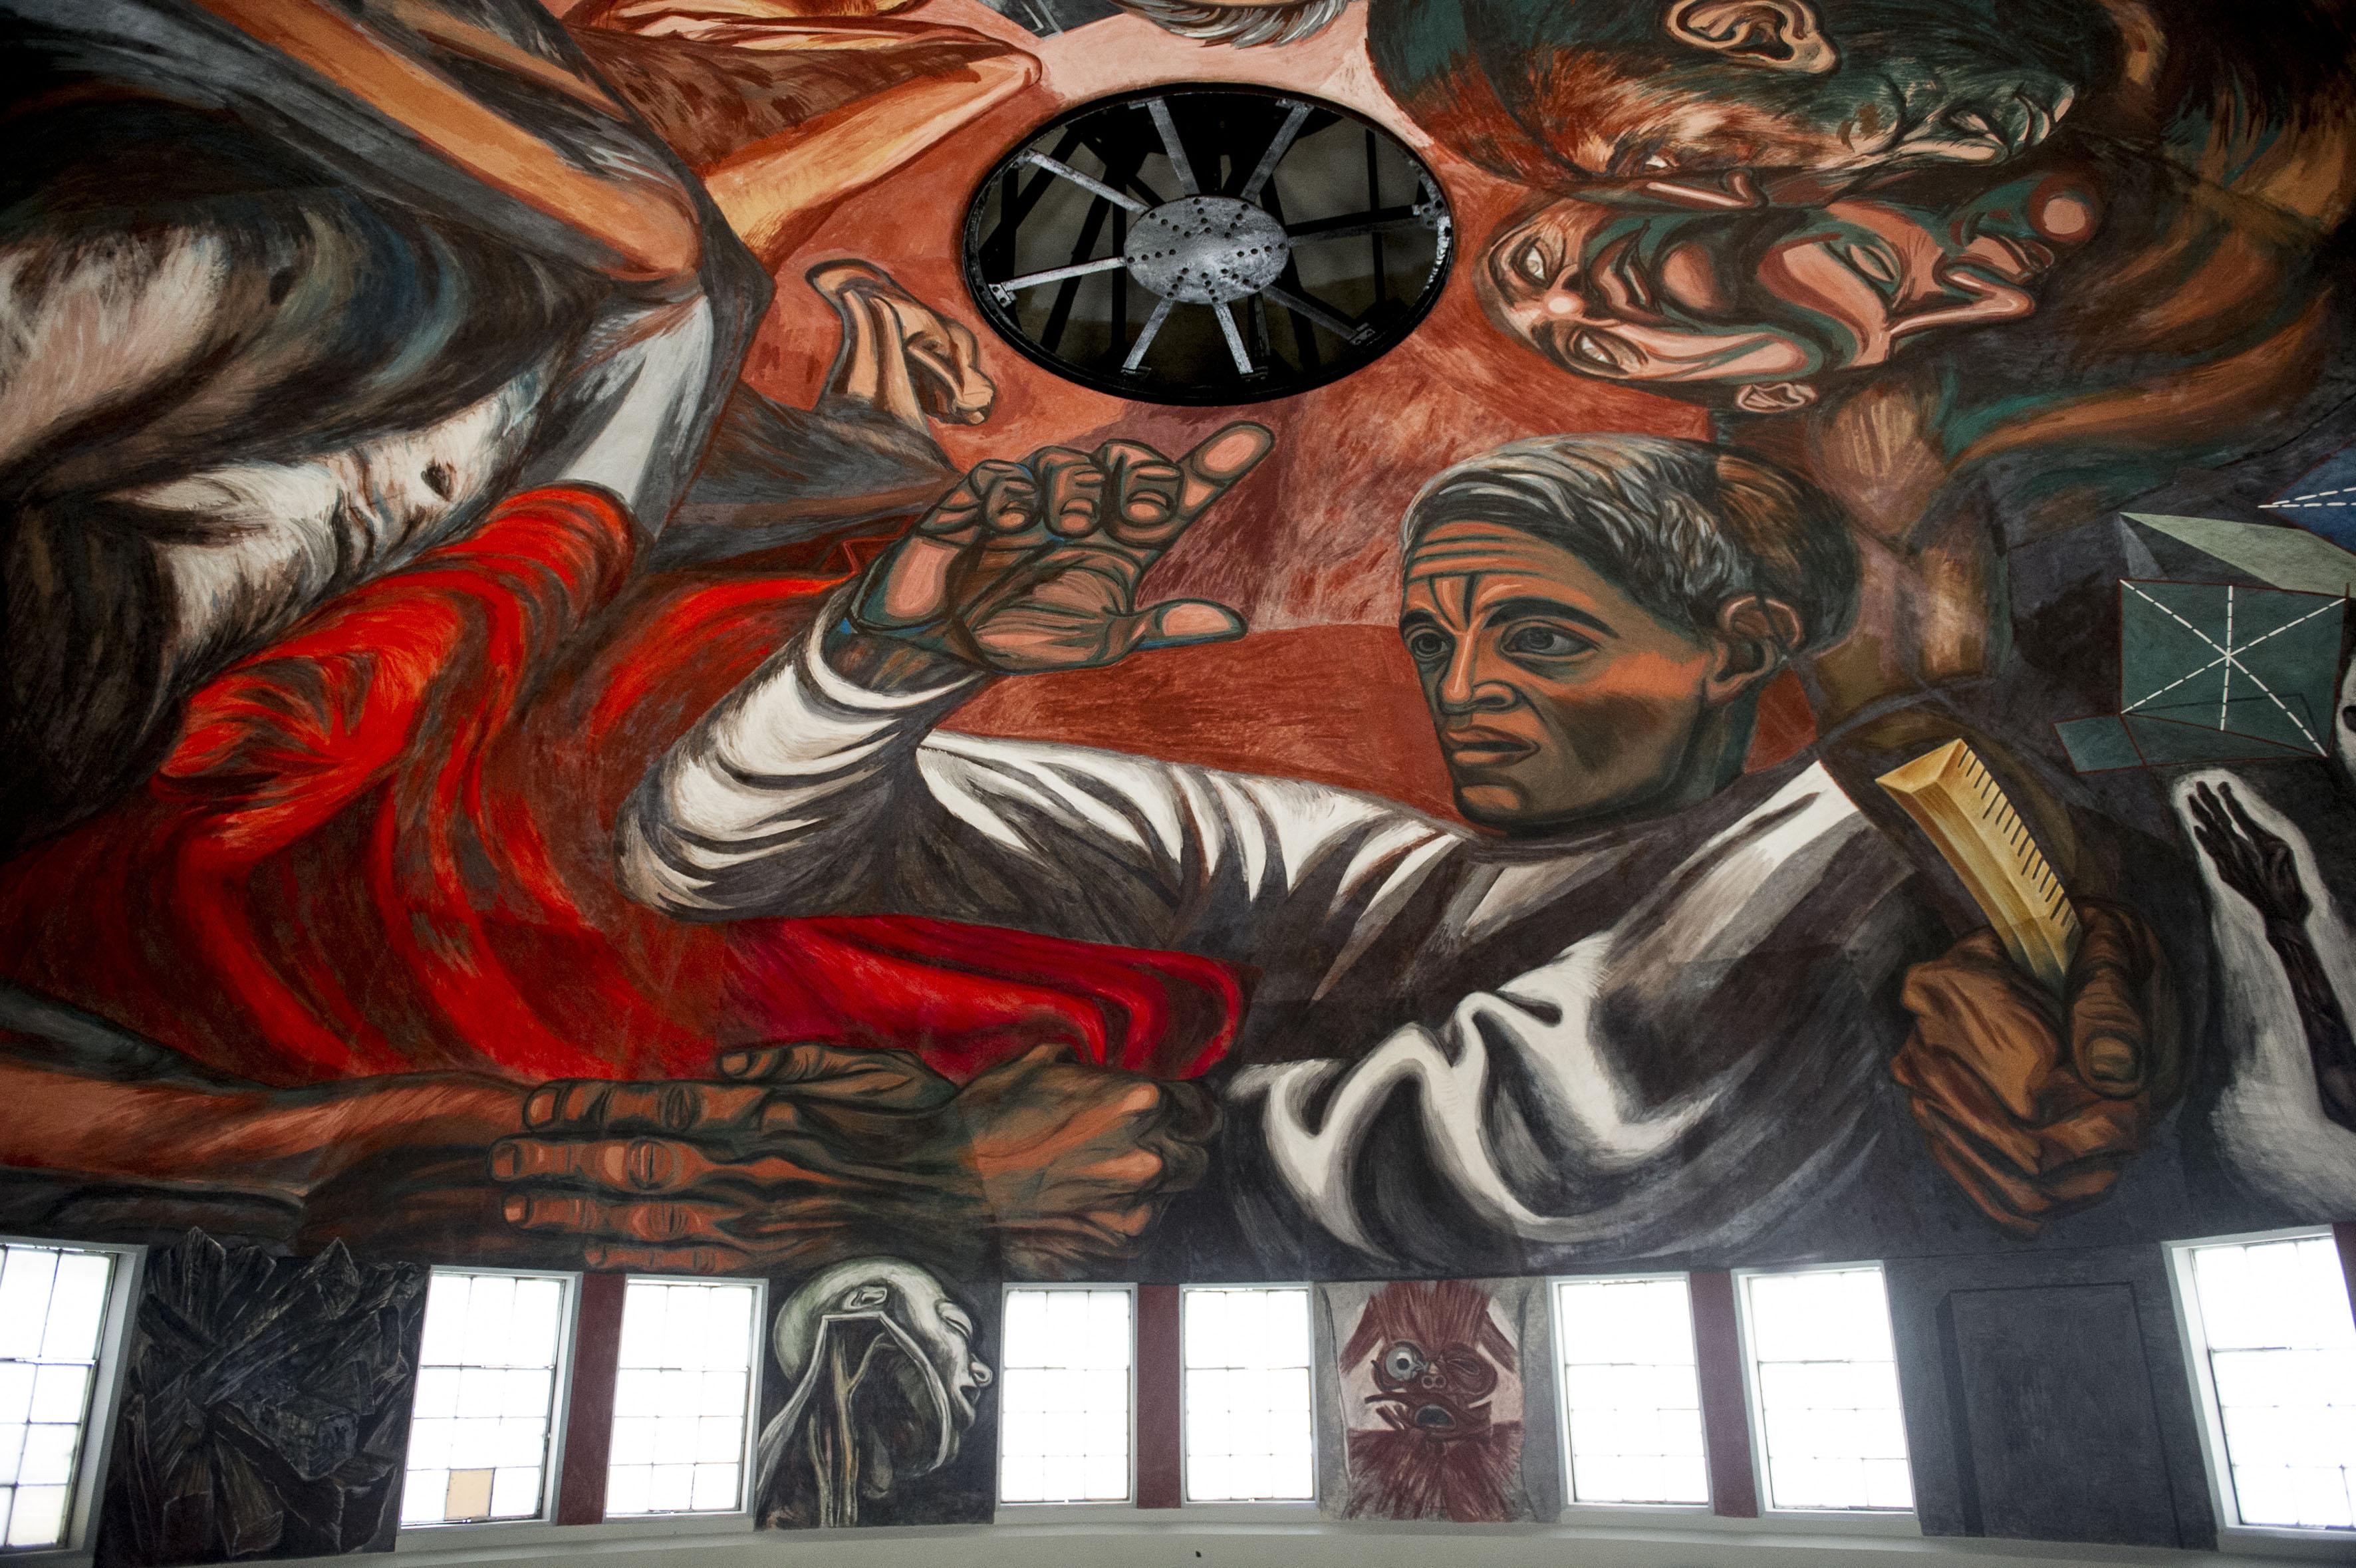 Concluye restauraci n de murales de orozco en paraninfo de for El mural guadalajara